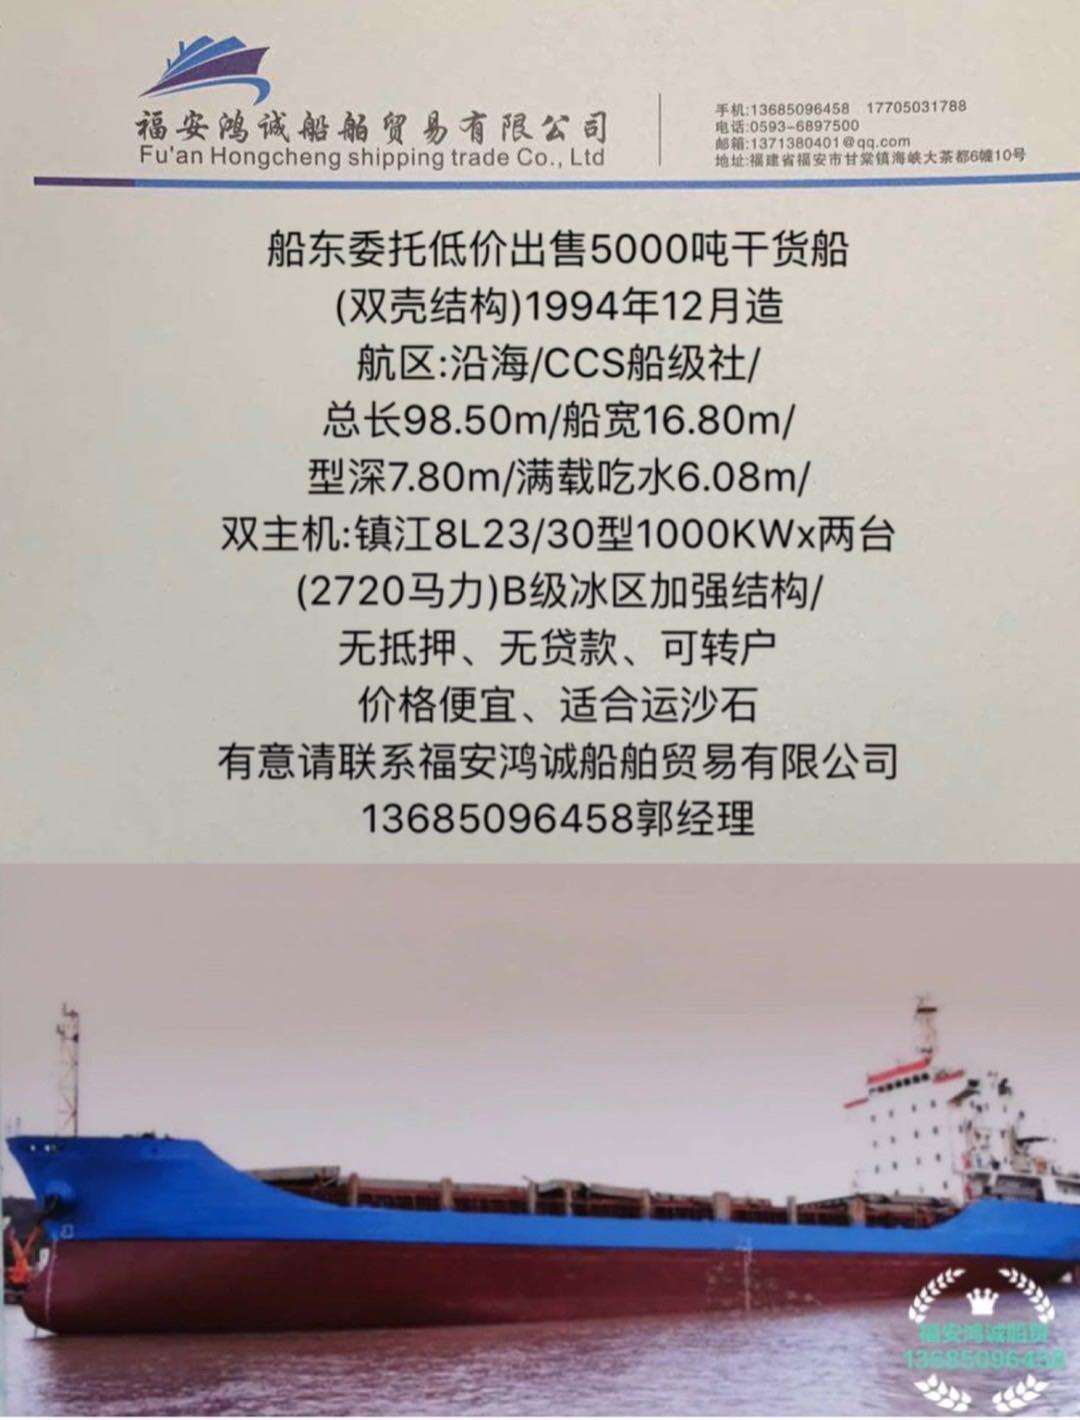 低价出售5000吨双壳干货船